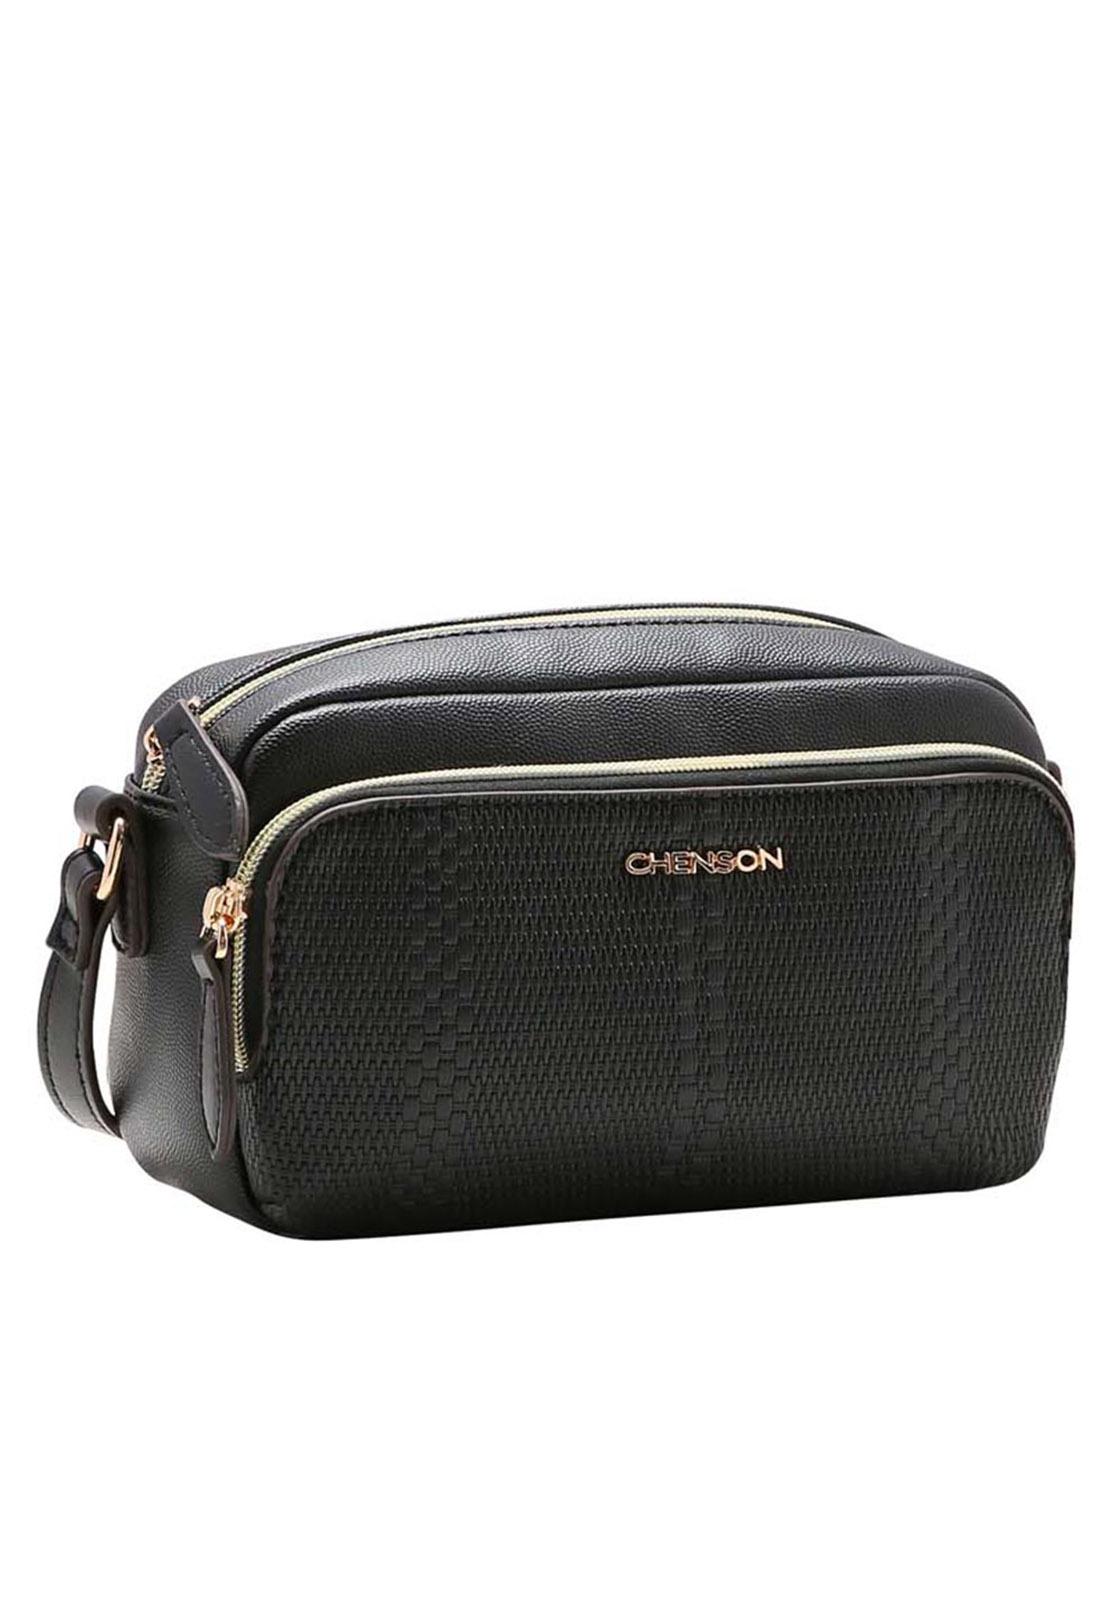 Bolsa Feminina Chenson Mix de Texturas Transversal  3483371